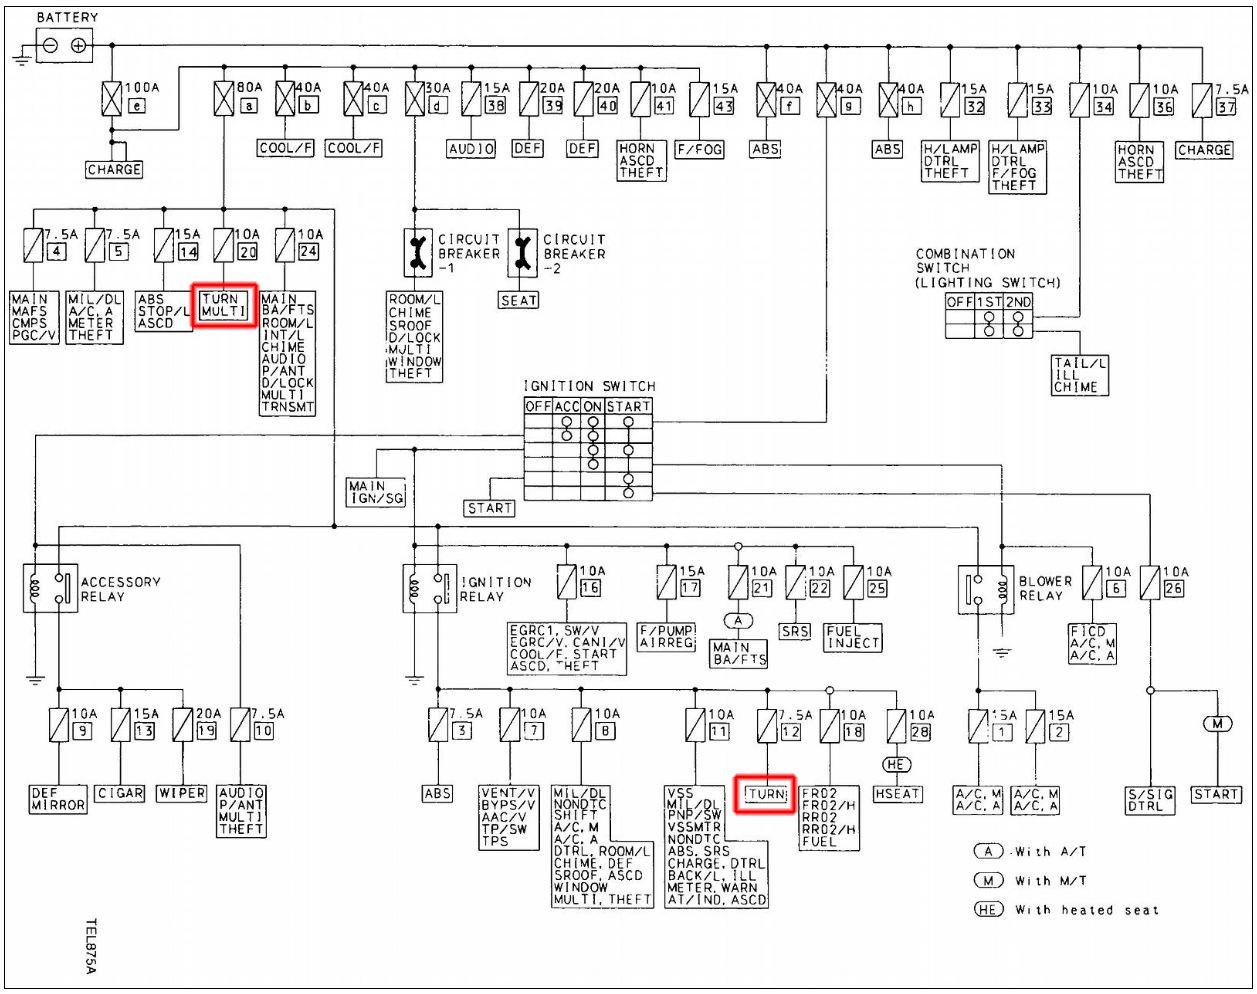 2013 Infiniti G37 Fuse Diagram